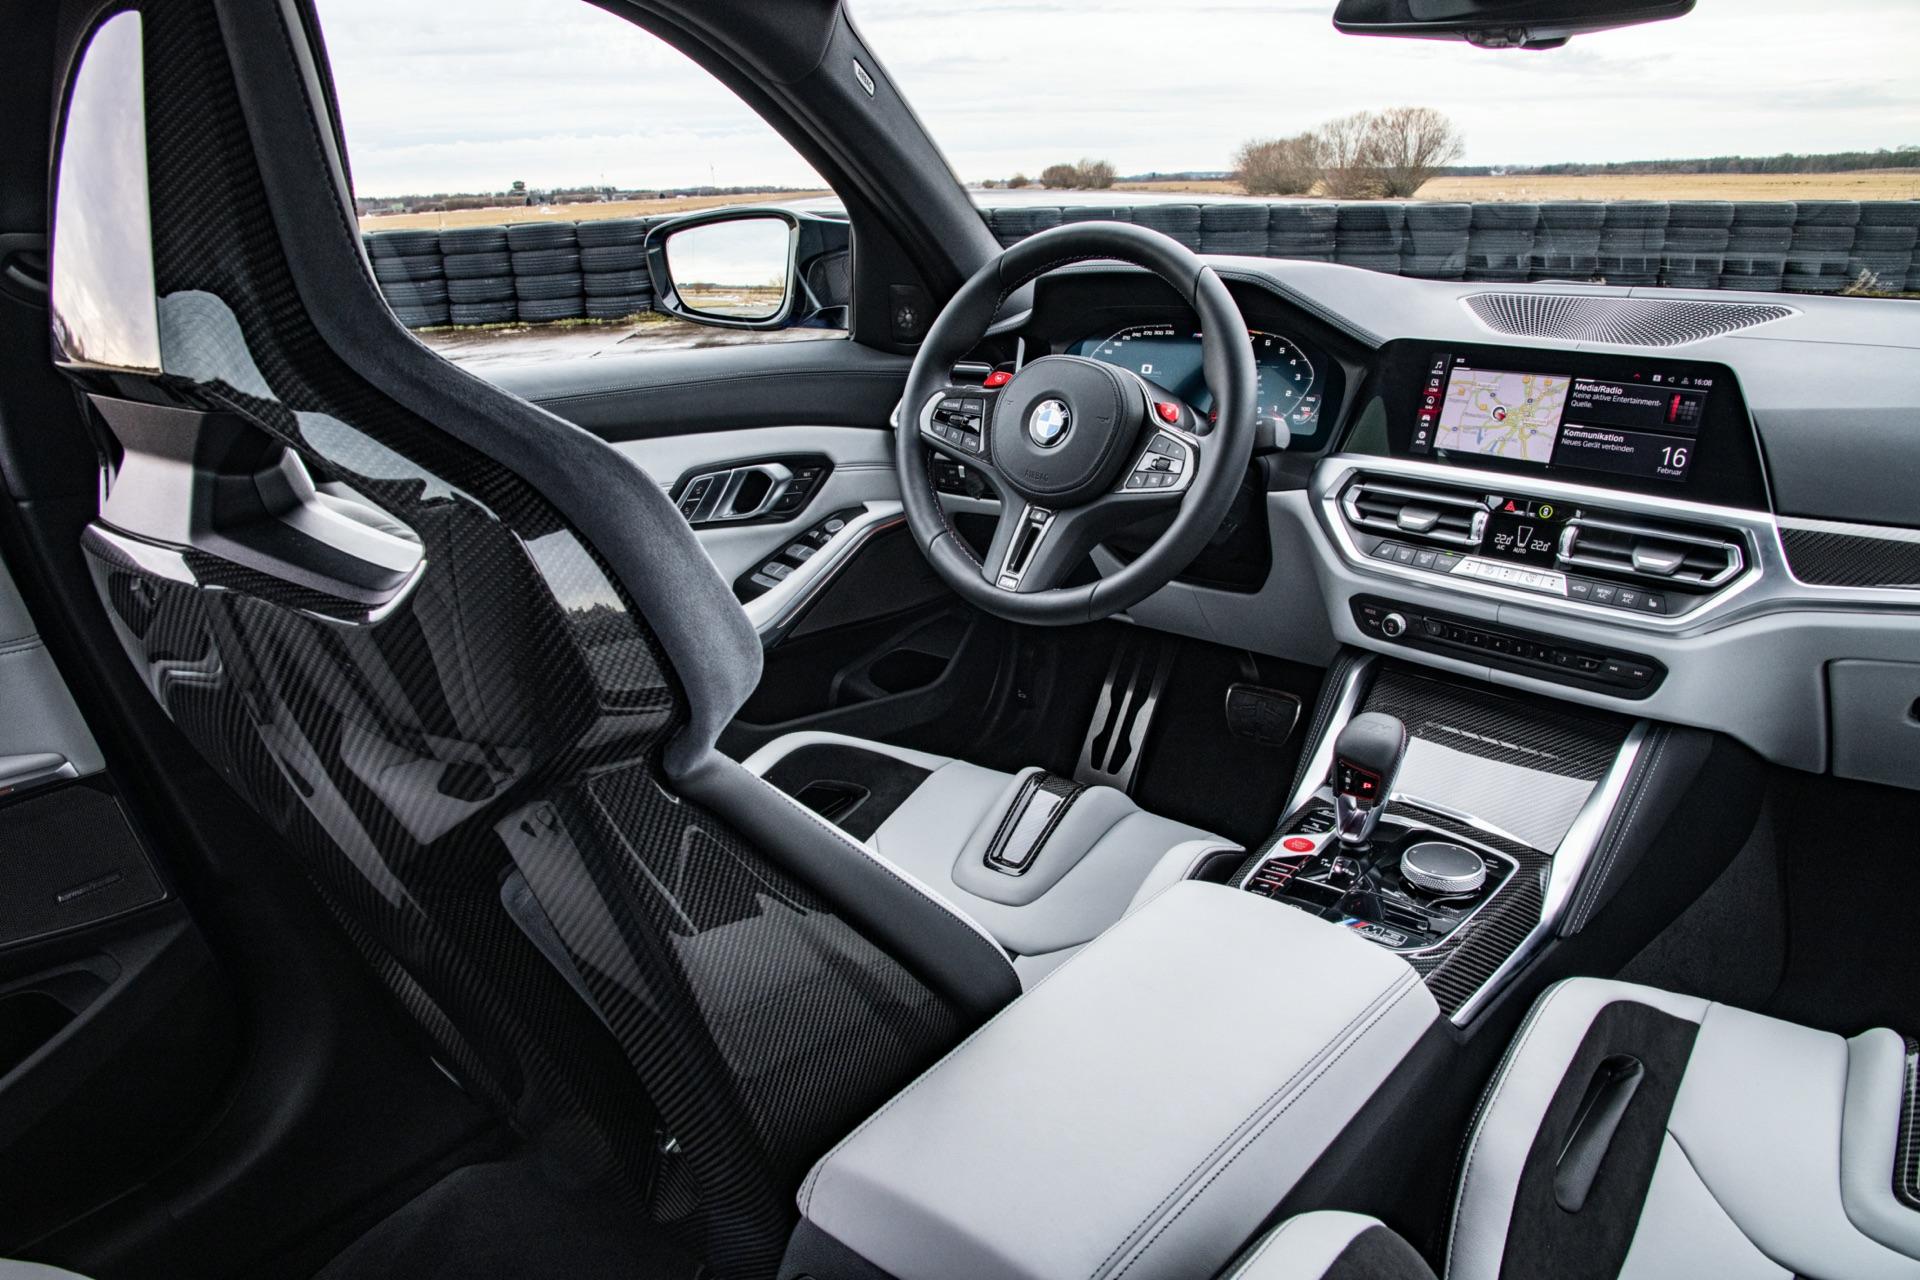 2022 BMW G80 M3 cabin